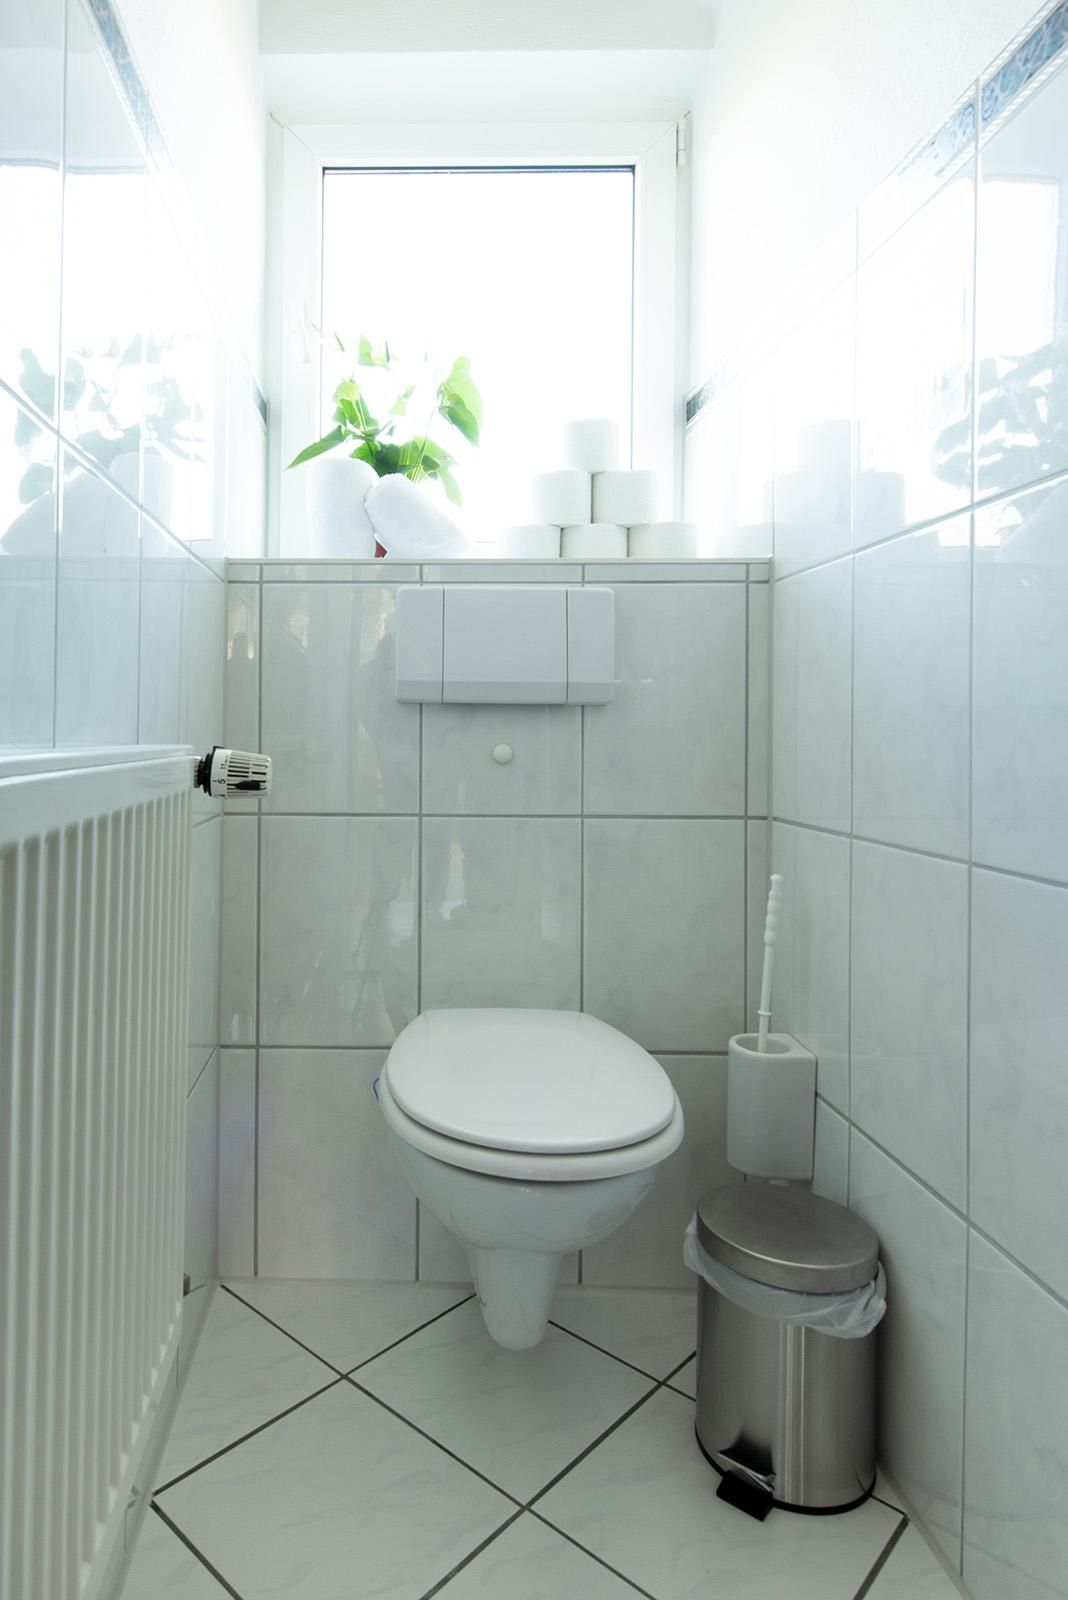 Ferienwohnung am Bodensee: Ittendorf - Toilette